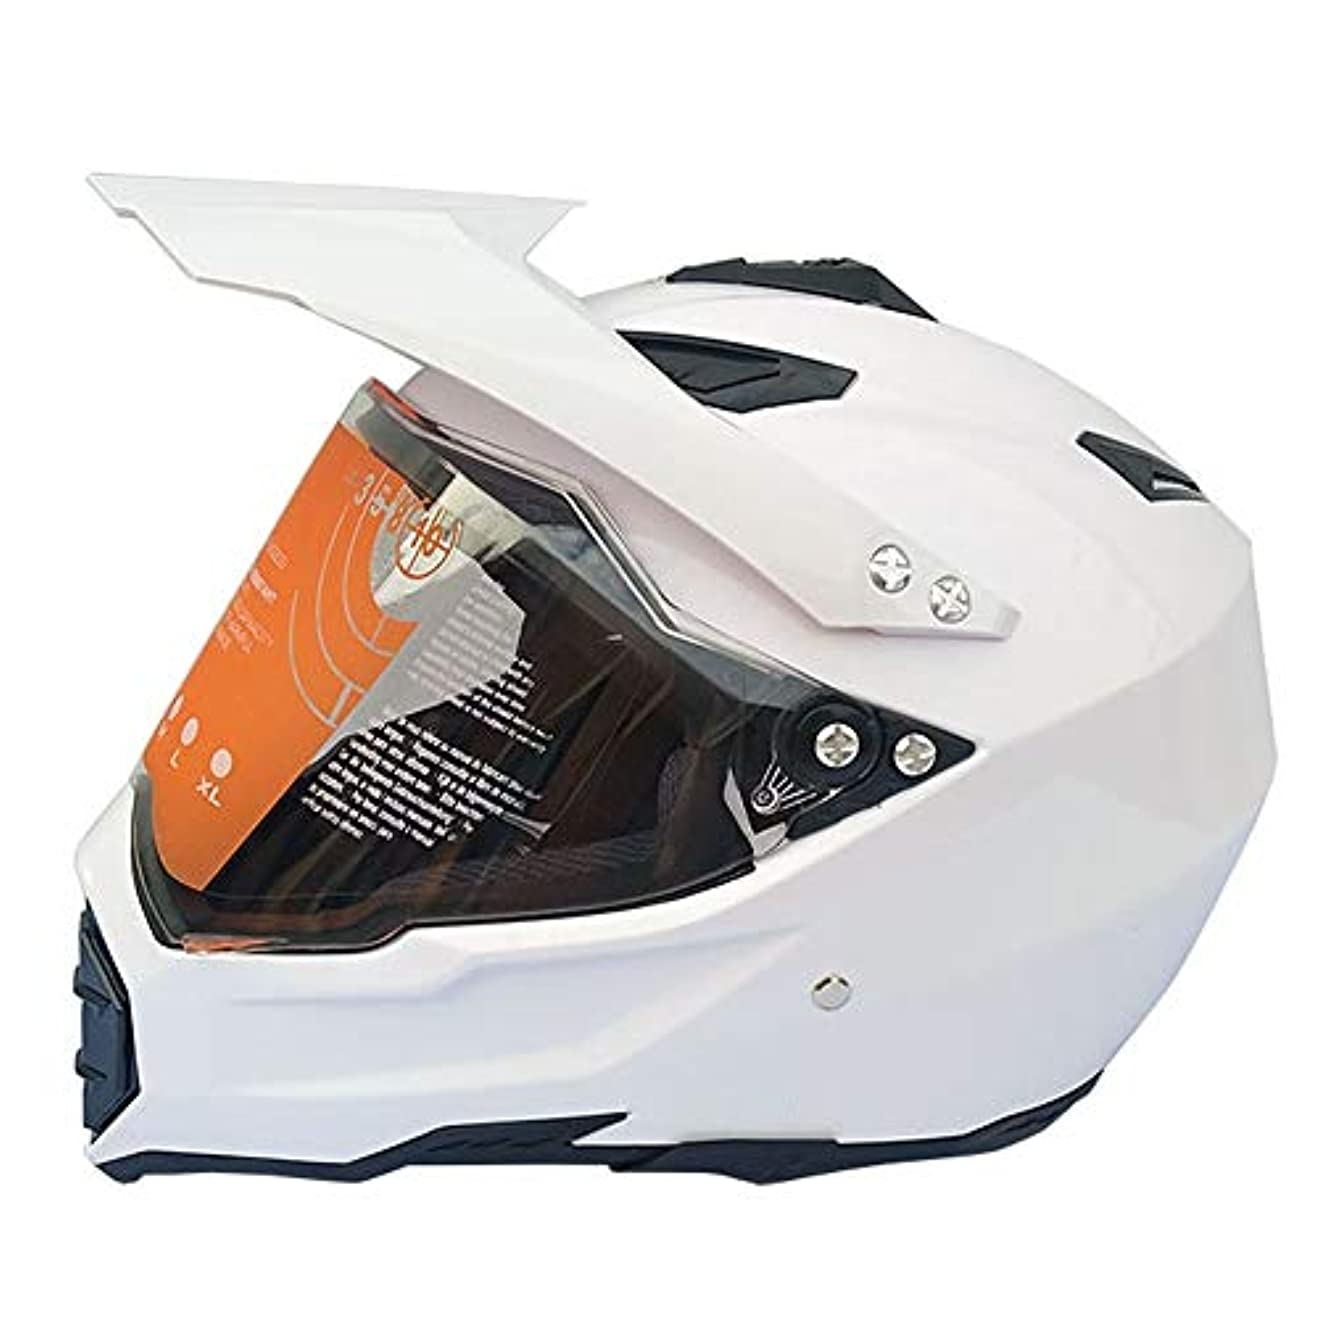 ロイヤリティ旋回立ち向かうTOMSSL高品質 フルカバレッジオフロードオートバイヘルメットロードオフロードレーシングヘルメットメンズフォーシーズンズ (Size : S)